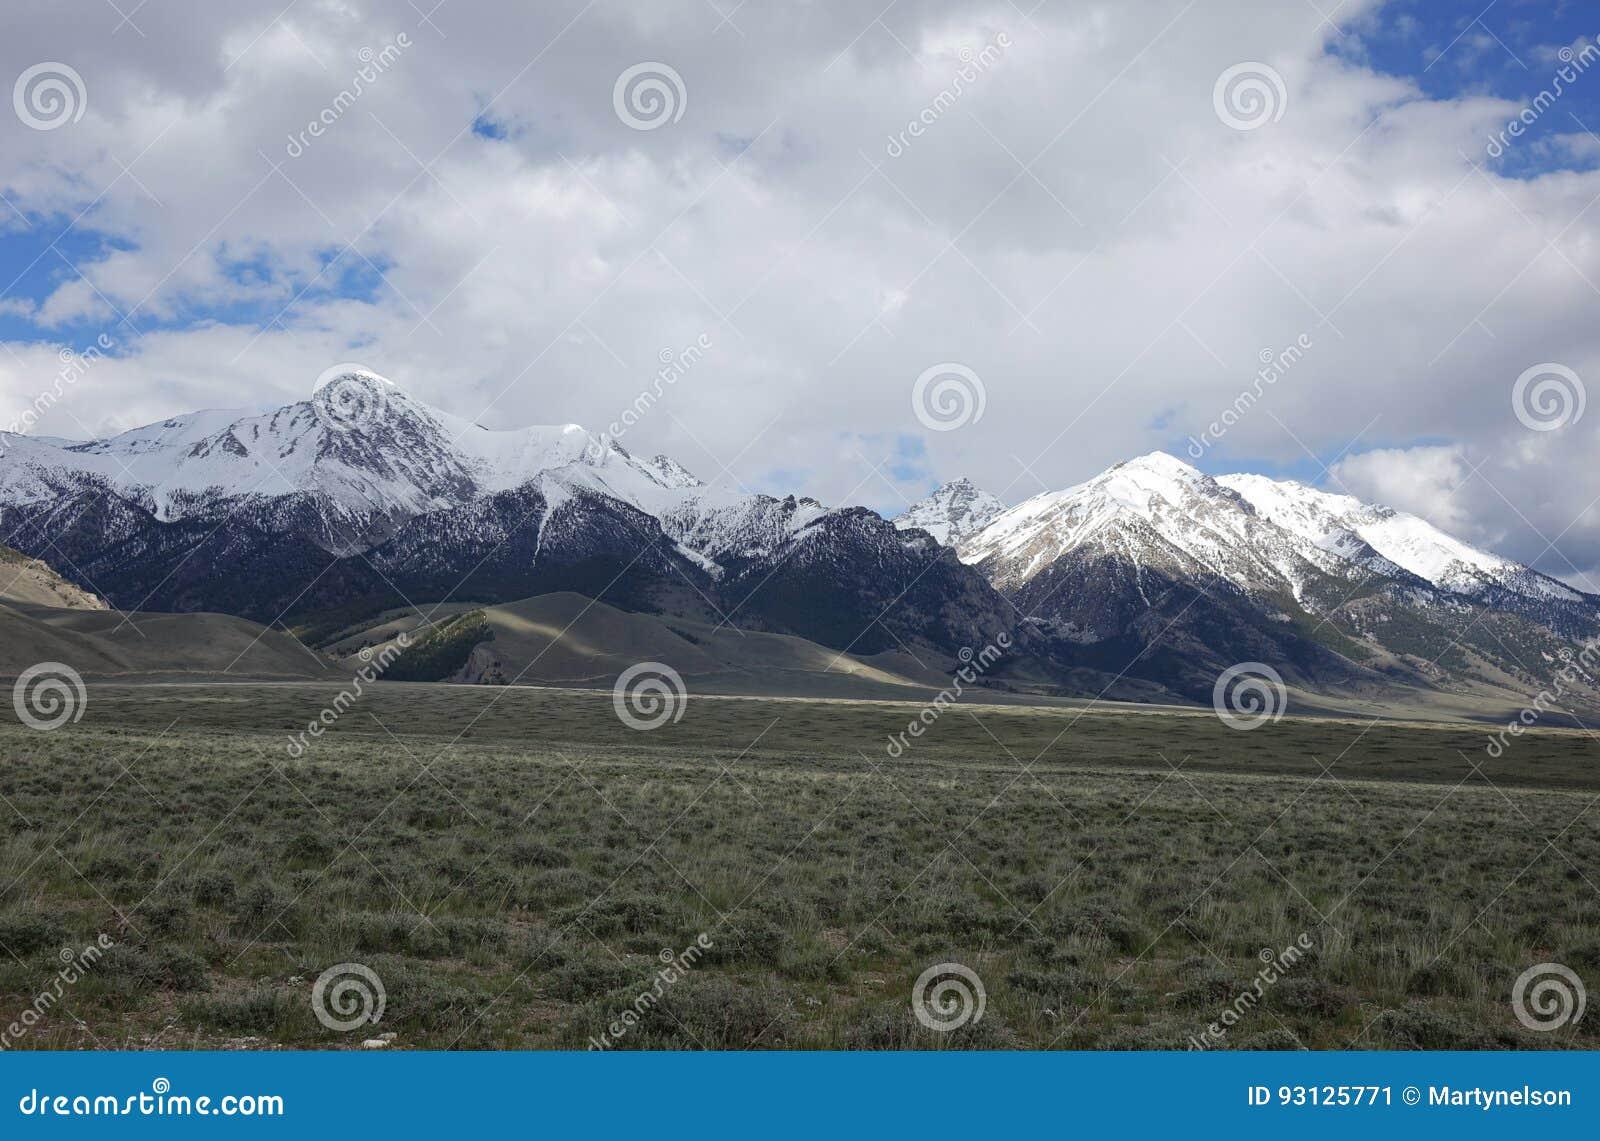 Mt Borah - Idaho